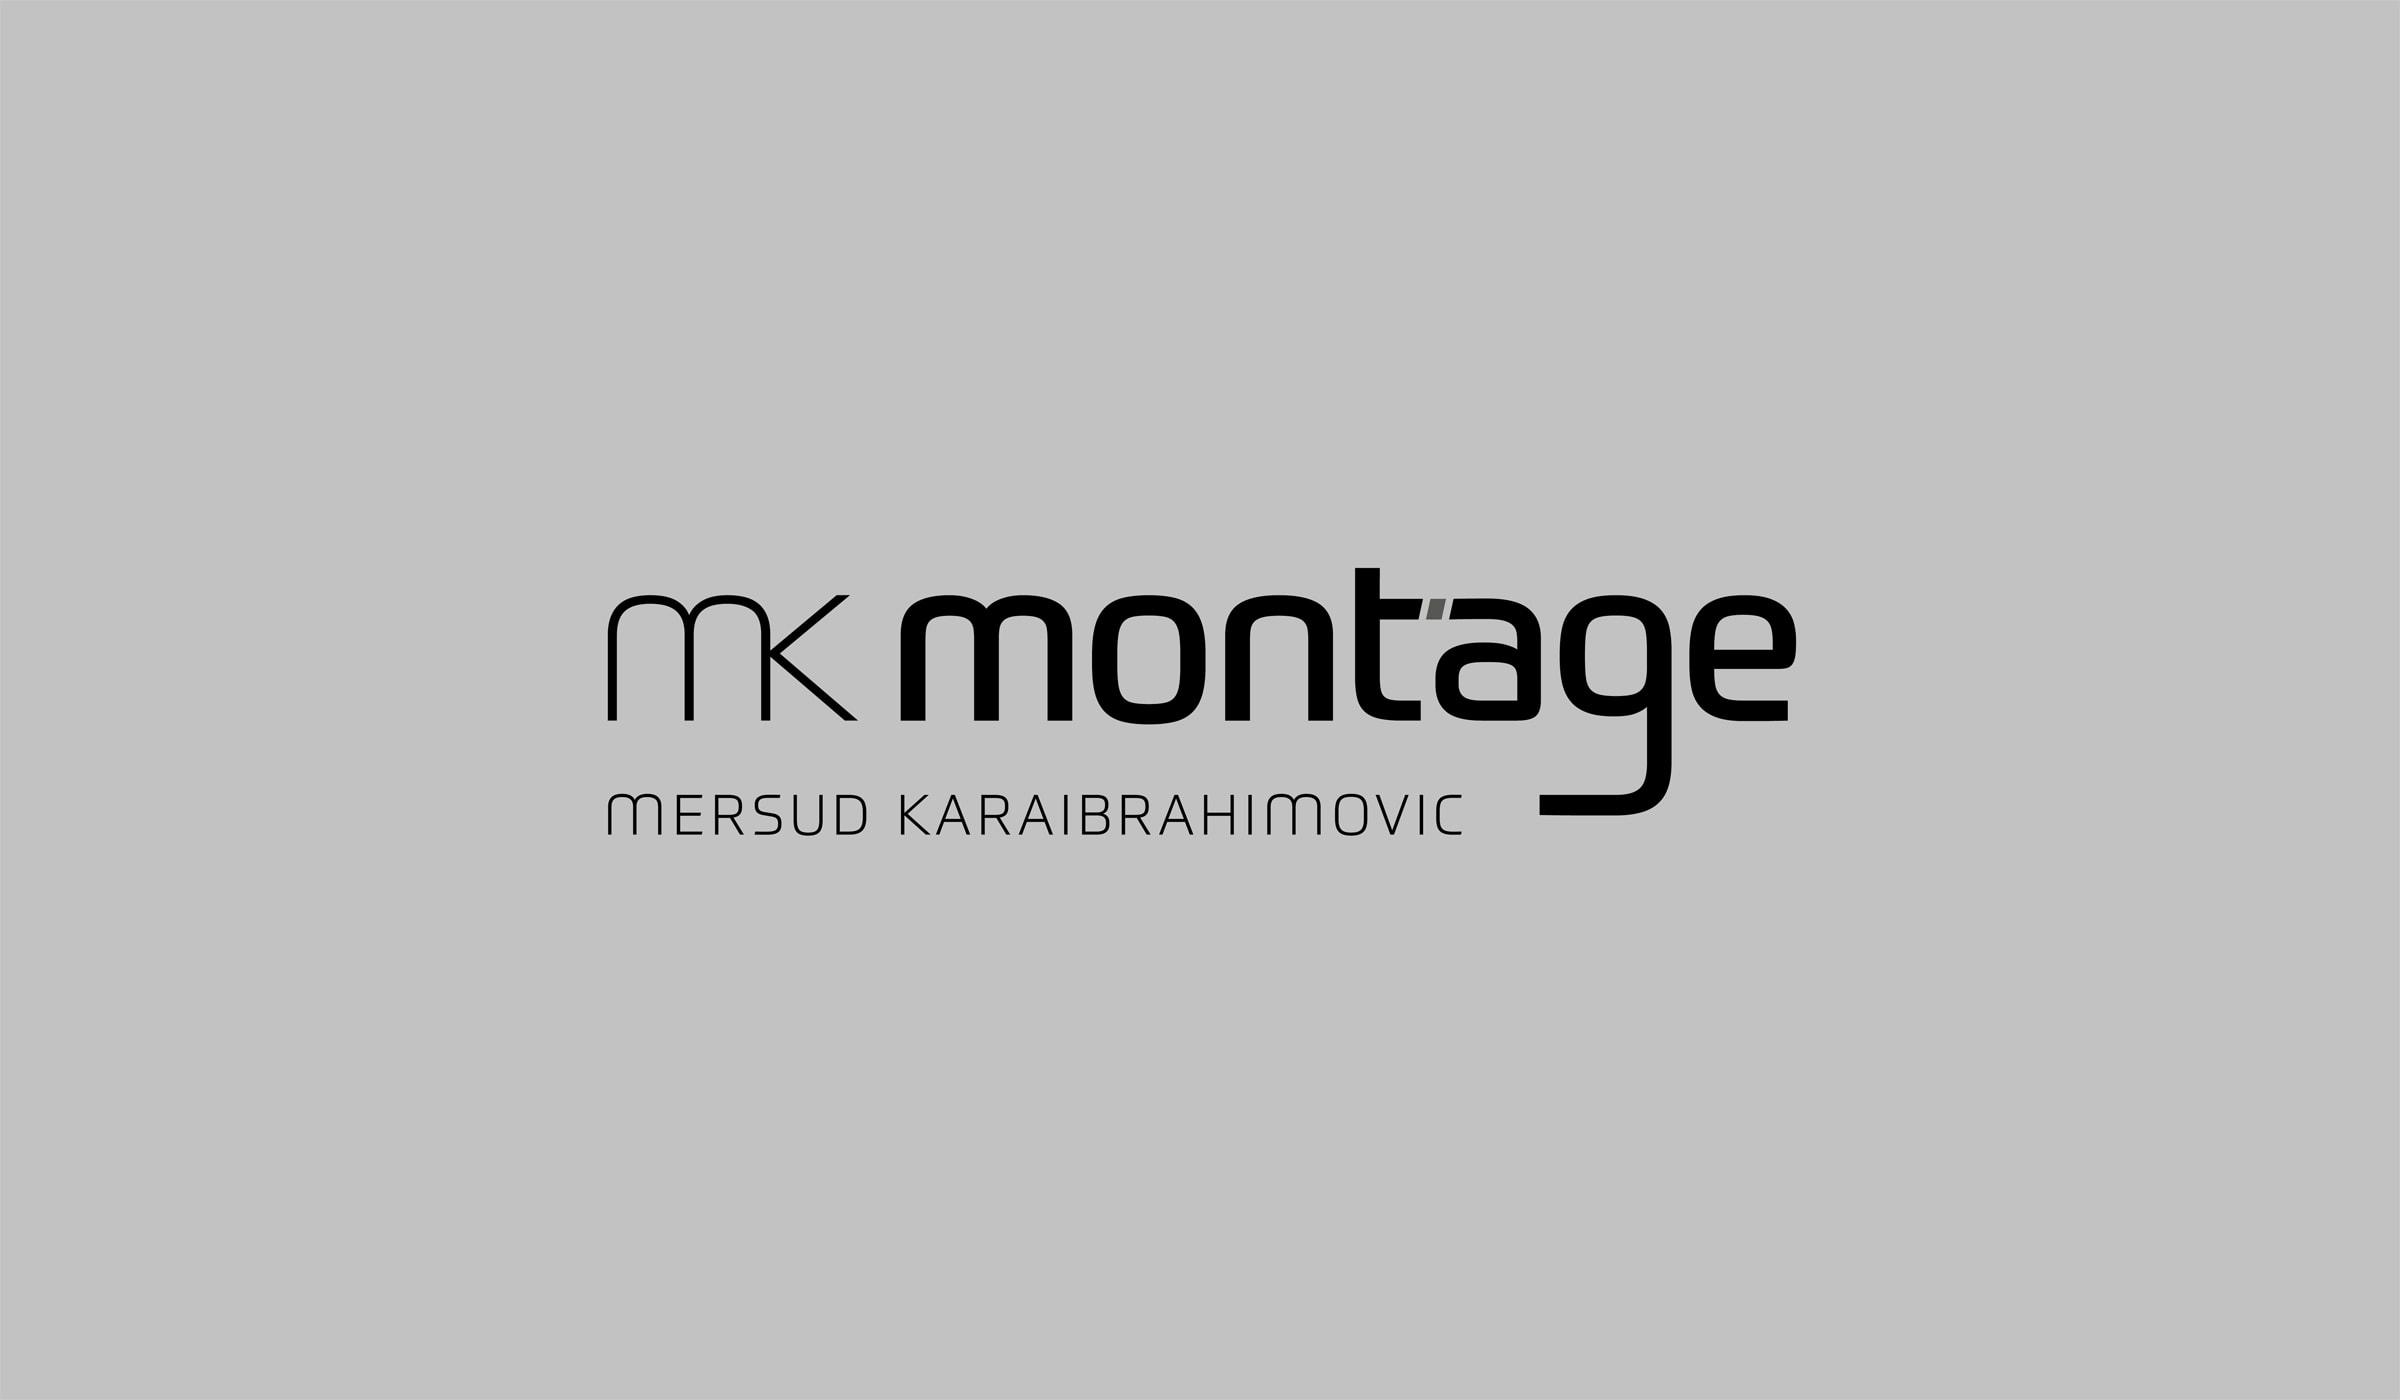 Firmenauftritt // Konzeptarbeit ~ Corporate Design ~ Logodesign // Typologo // mk montage/ Branding/ Brand Design/ Logo/ KERSTIN MICHELS – DESIGN/ Designagentur/ Werbeagentur/ Grafikdesign/ Kommunikationsdesign/ Hermeskeil/ Hochwald/ Trier/ Rheinland-Pfalz/ Werbung/ Design